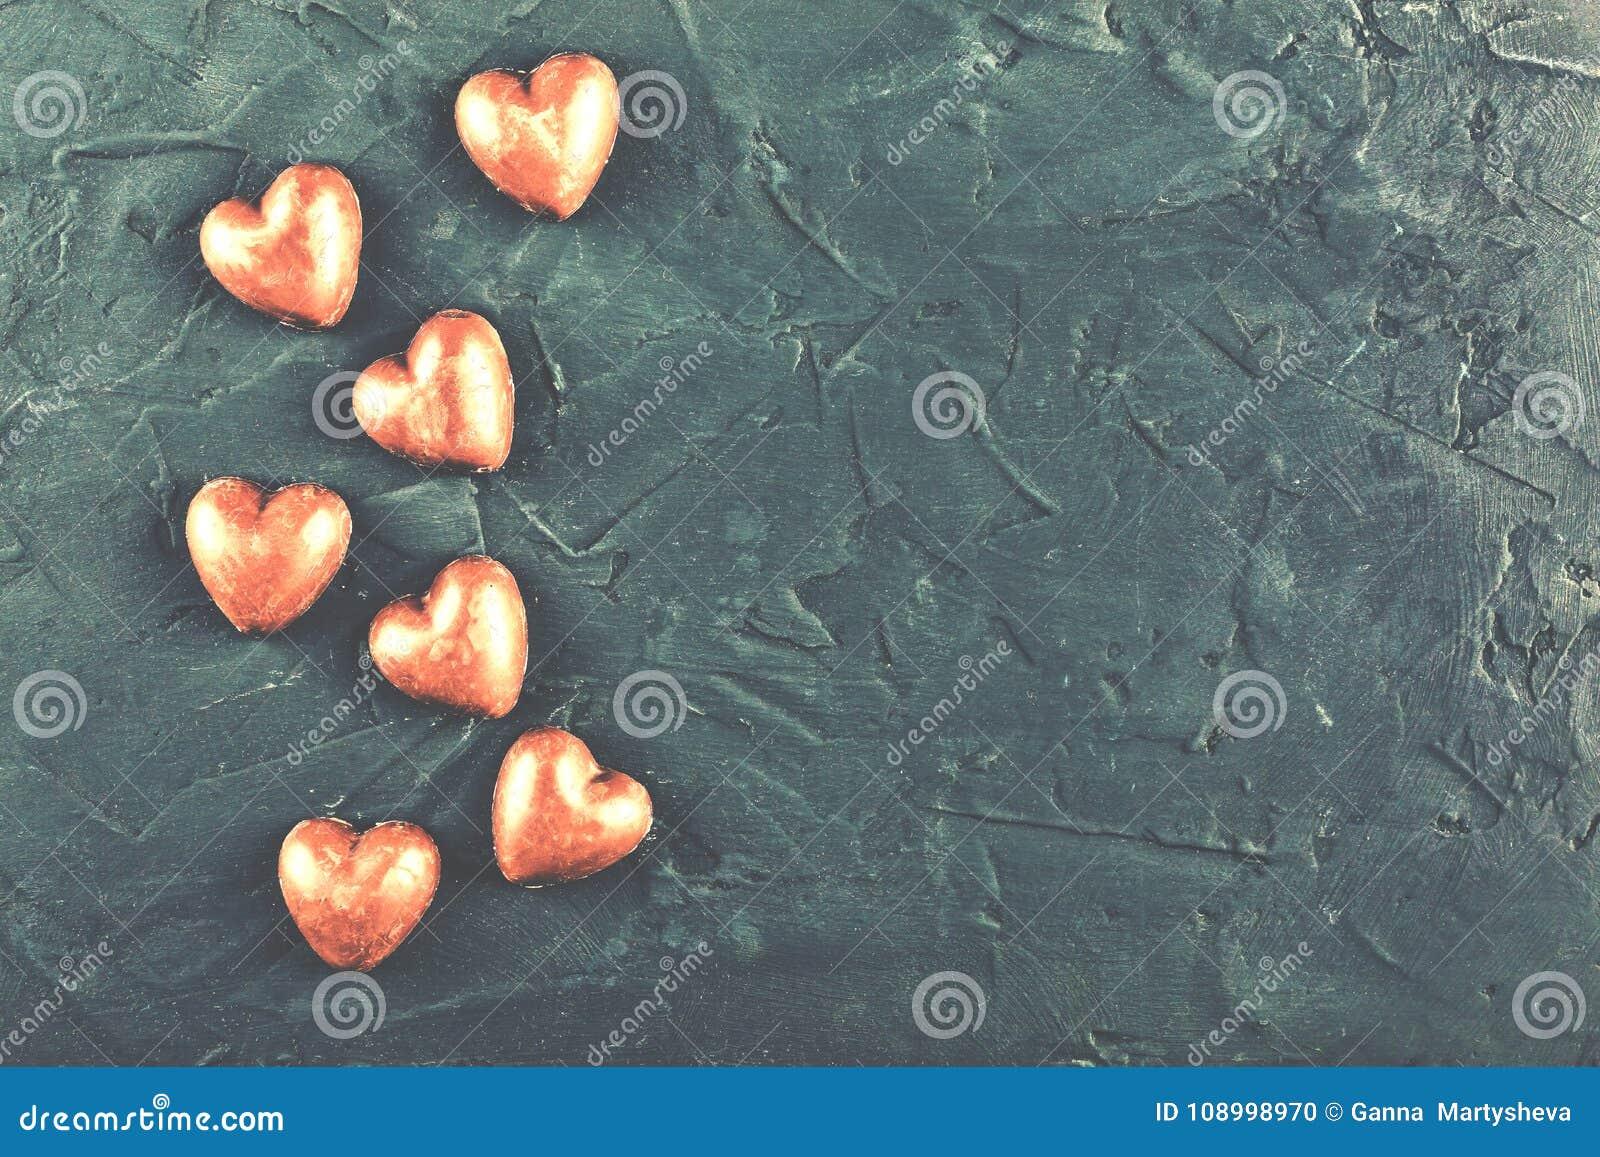 Día del ` s de la tarjeta del día de San Valentín, primer amor, felicidad del amor, corazones del chocolate